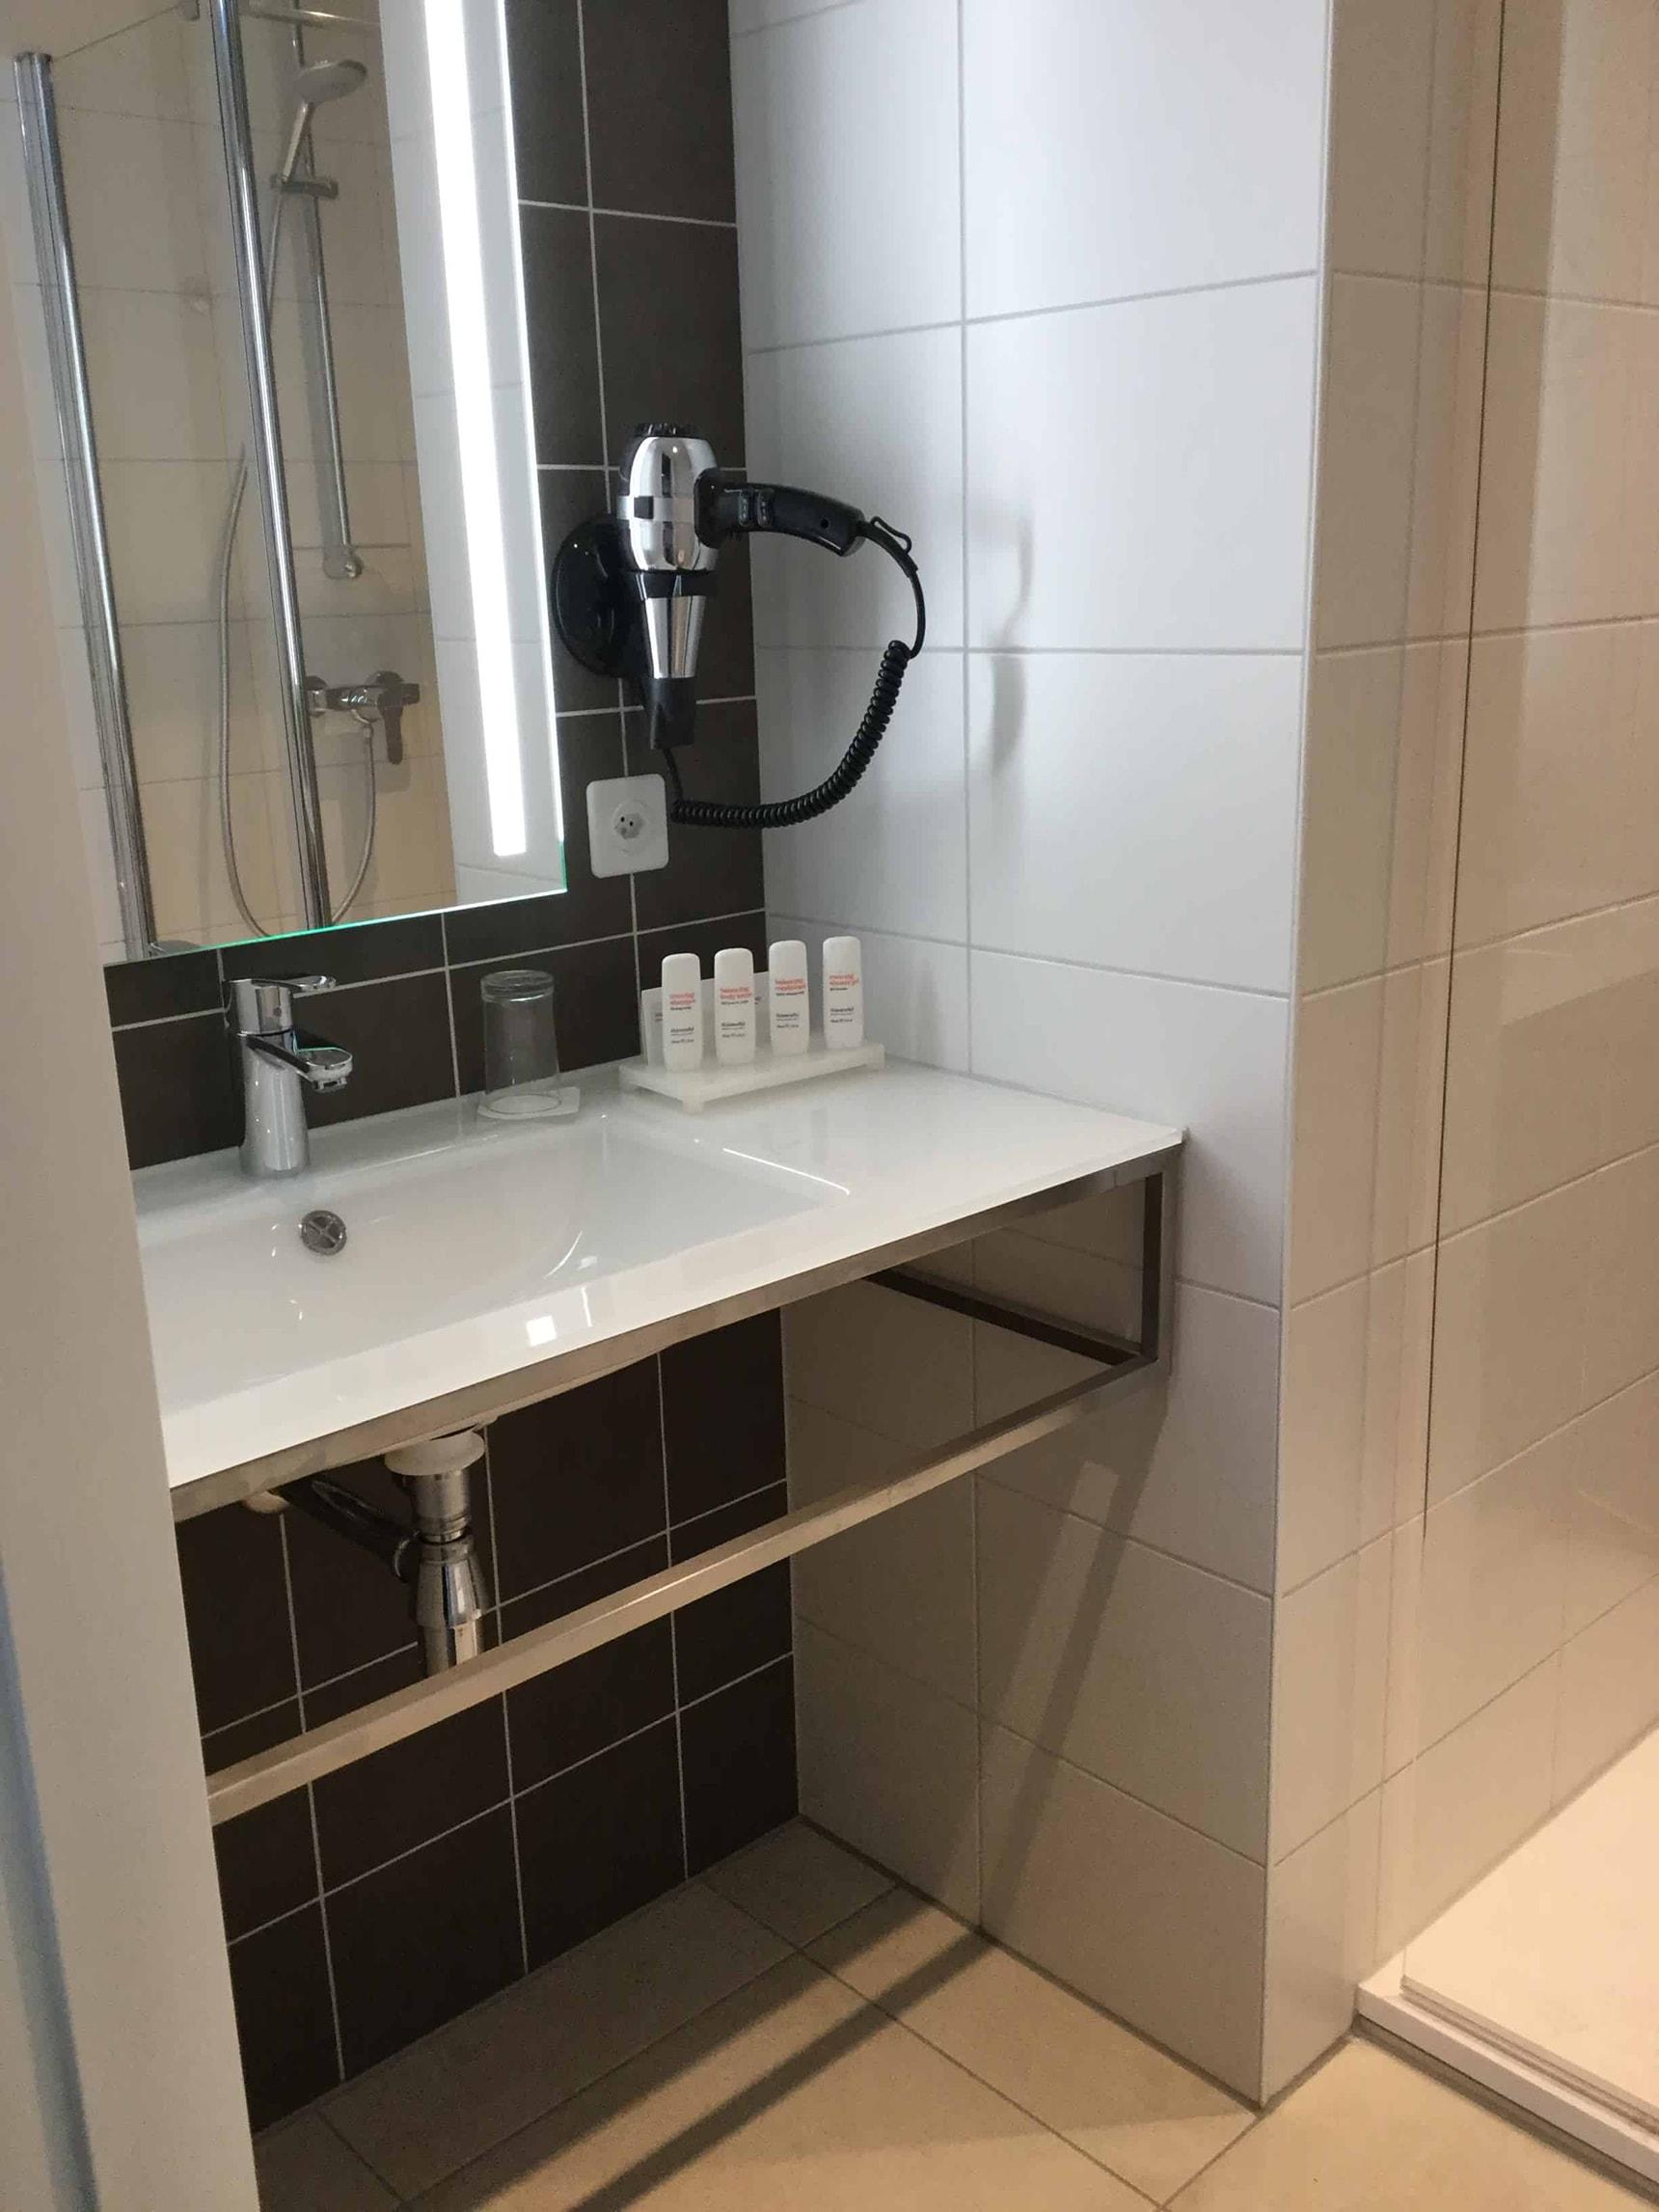 Salle de bain pr fabriqu e douche concept - Salle de bain prefabriquee ...